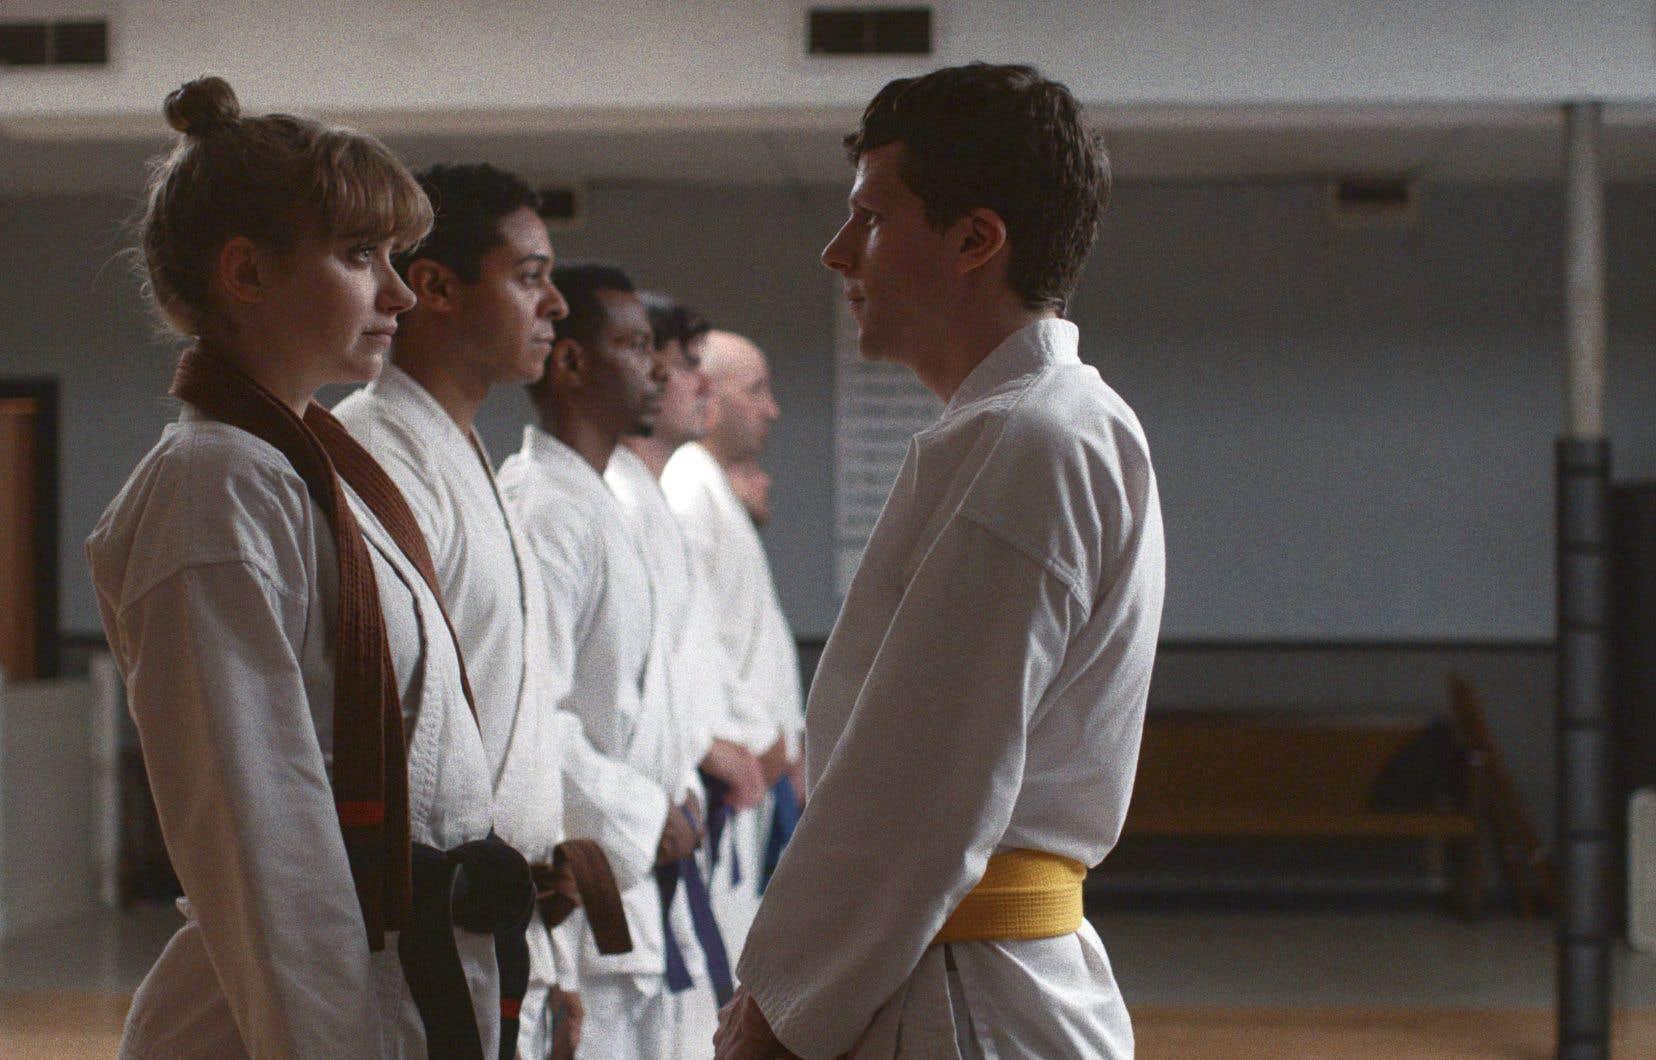 Notre lassitude devant un film comme «L'art de l'autodéfense» provient aussi de la présence prévisible d'un acteur de la trempe de Jesse Eisenberg pour refaire ce numéro du perdant au dos courbé qu'il a déjà fait plus d'une fois ailleurs.